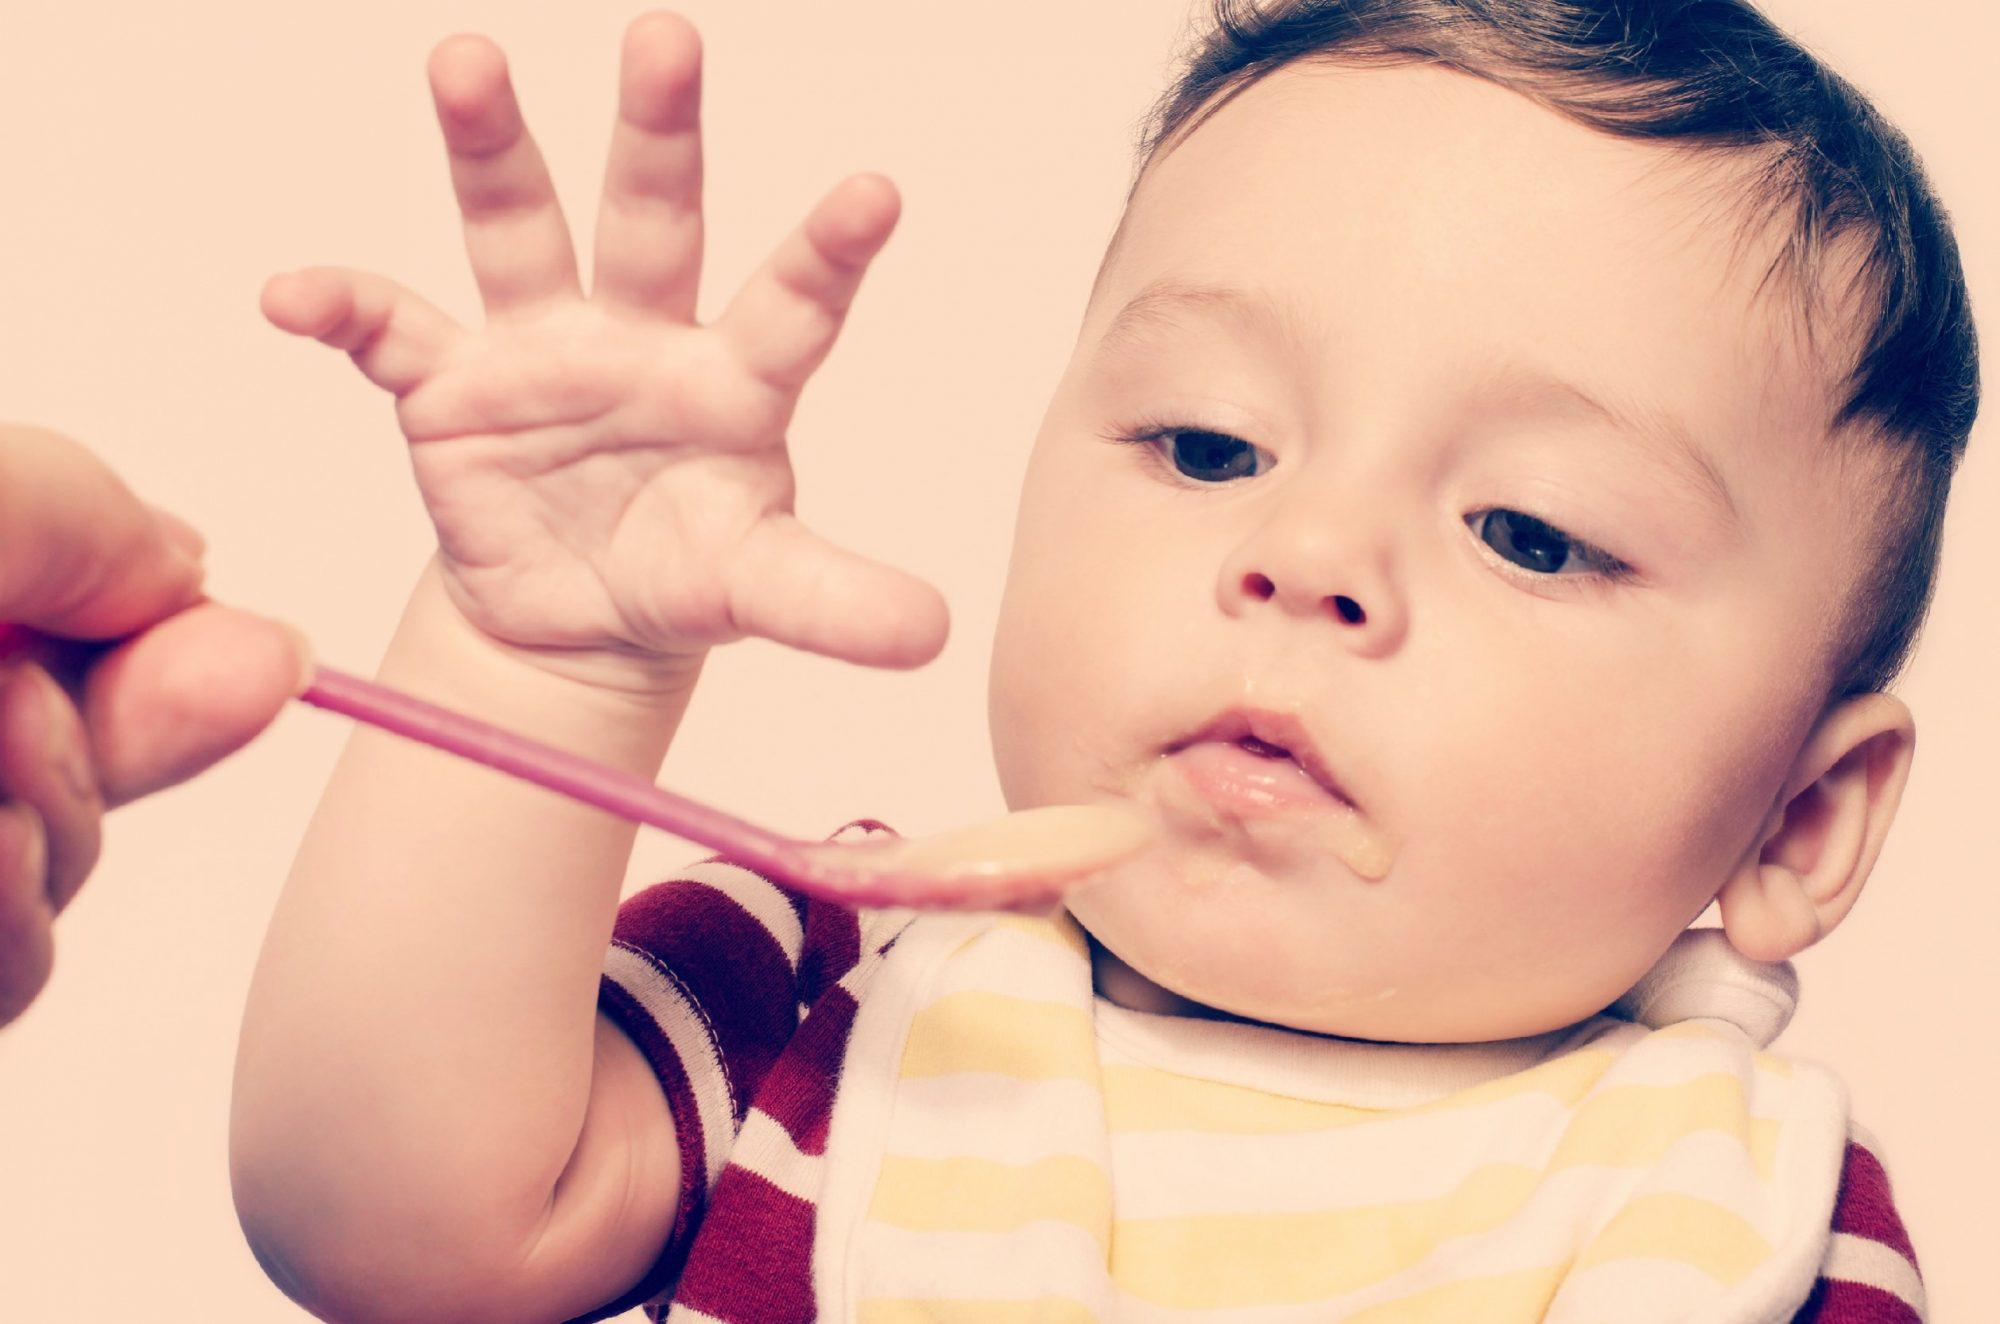 sintomas alergia soja bebe